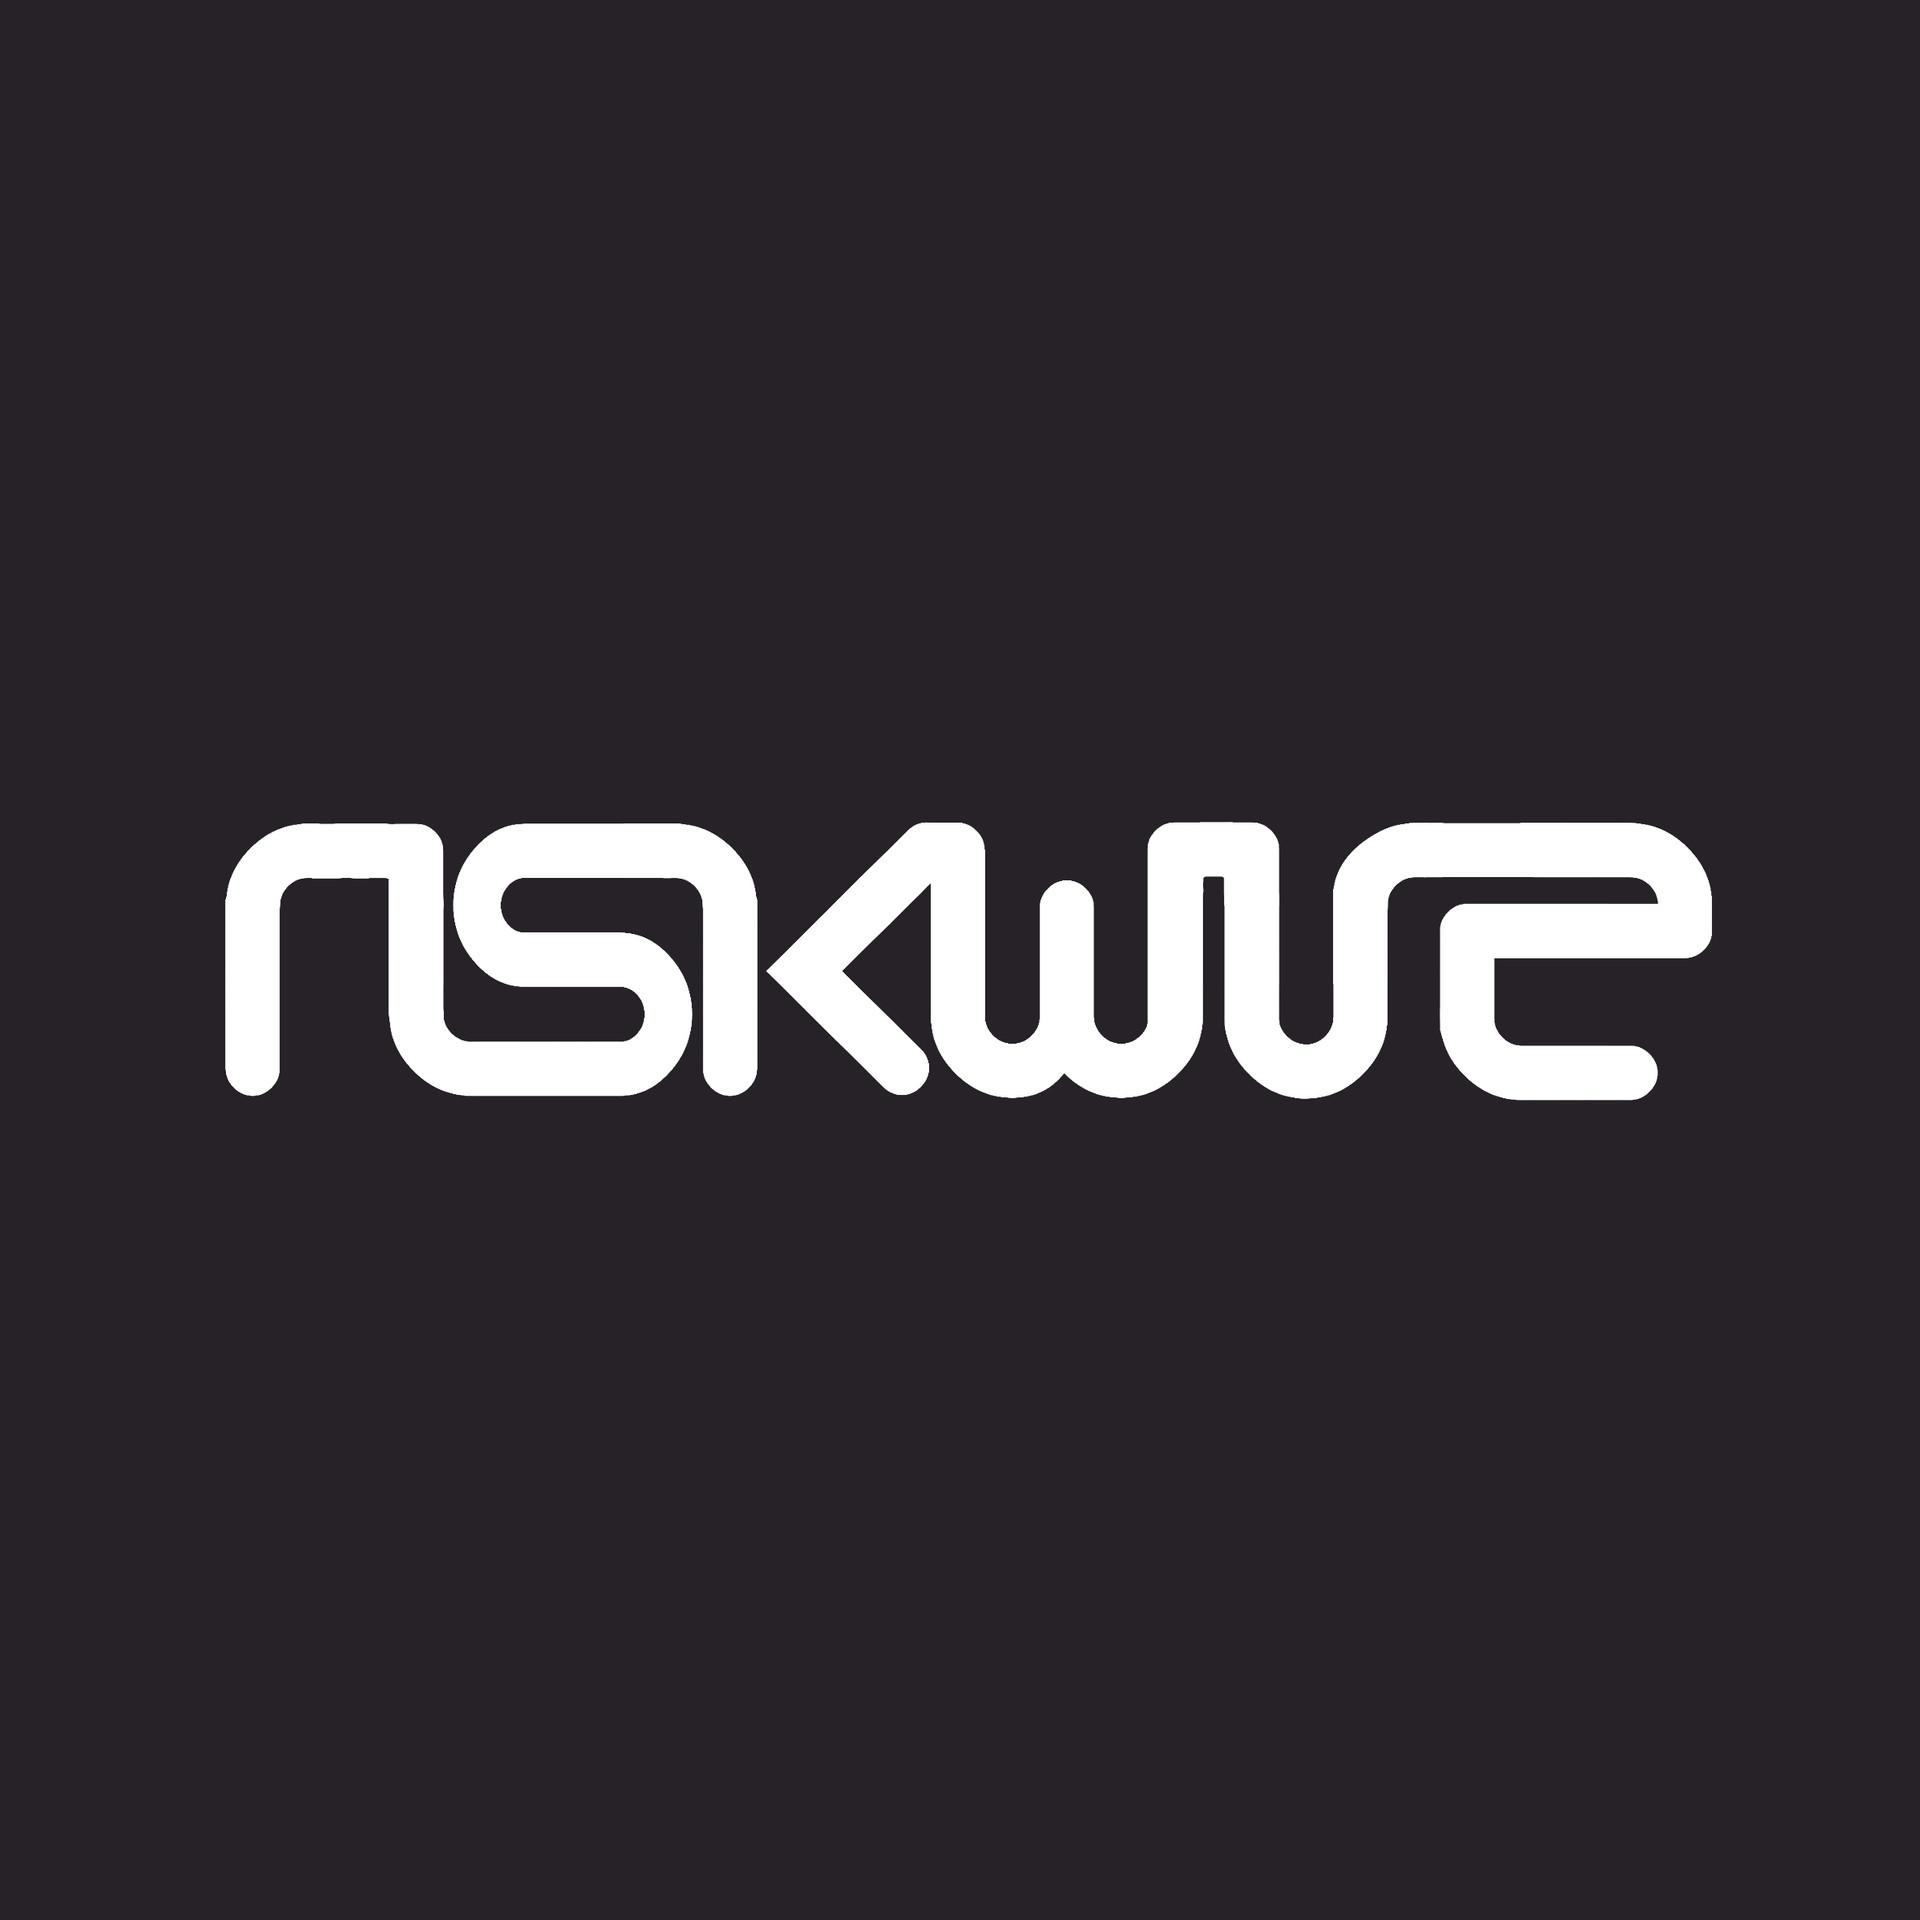 Riskwire